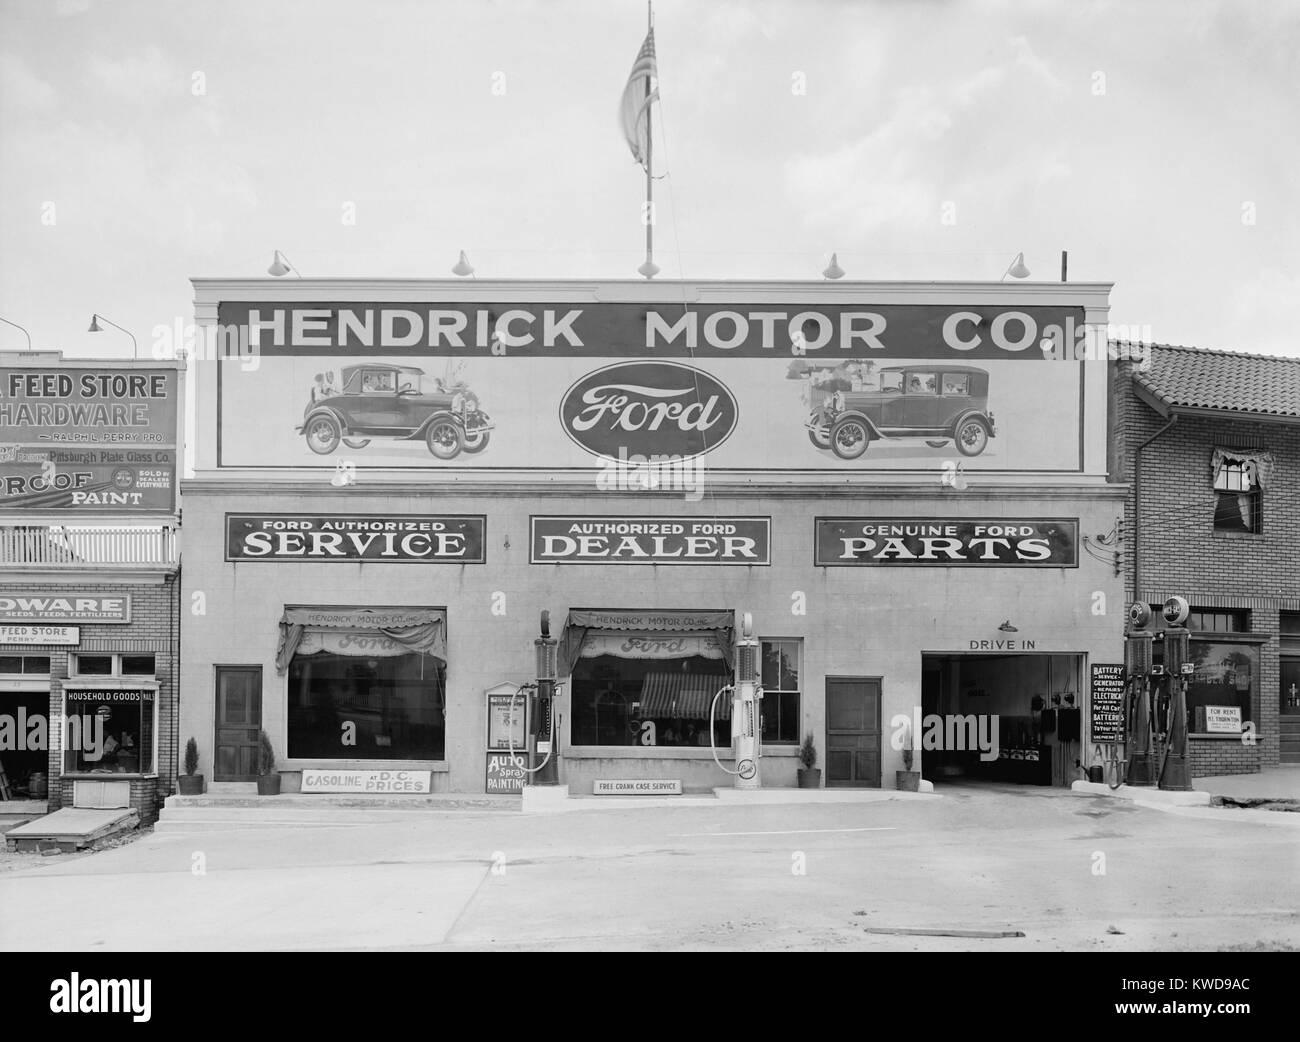 Hendrick Motor Co. in Washington, D.C. in den 1920er Jahren. Sie werben als autorisierter Ford Händler, dass Stockbild